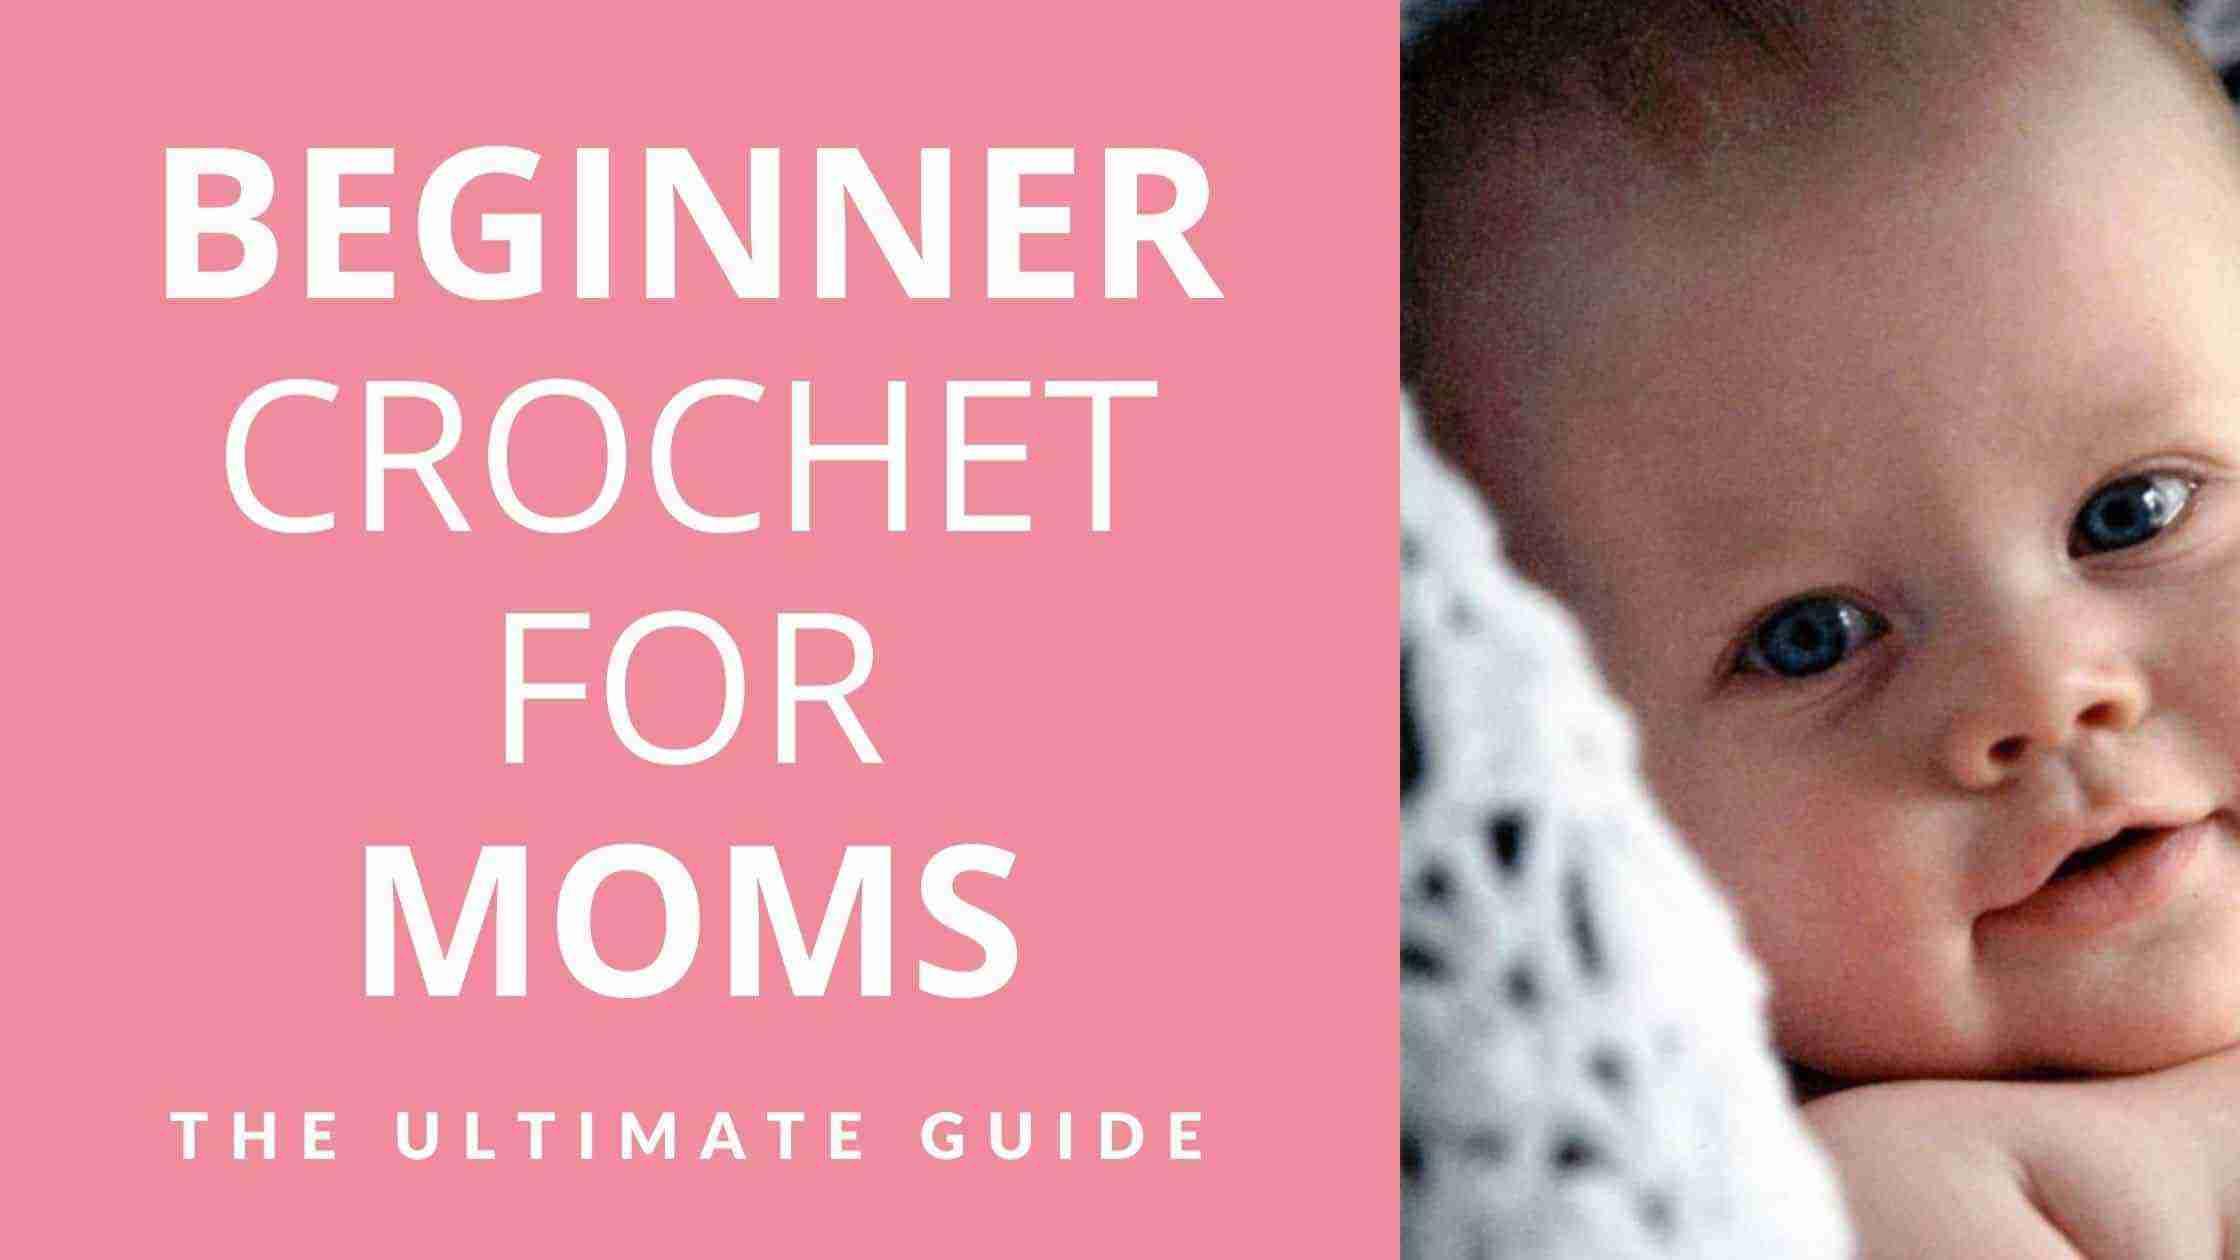 Beginner Crochet For Moms Start Crochet